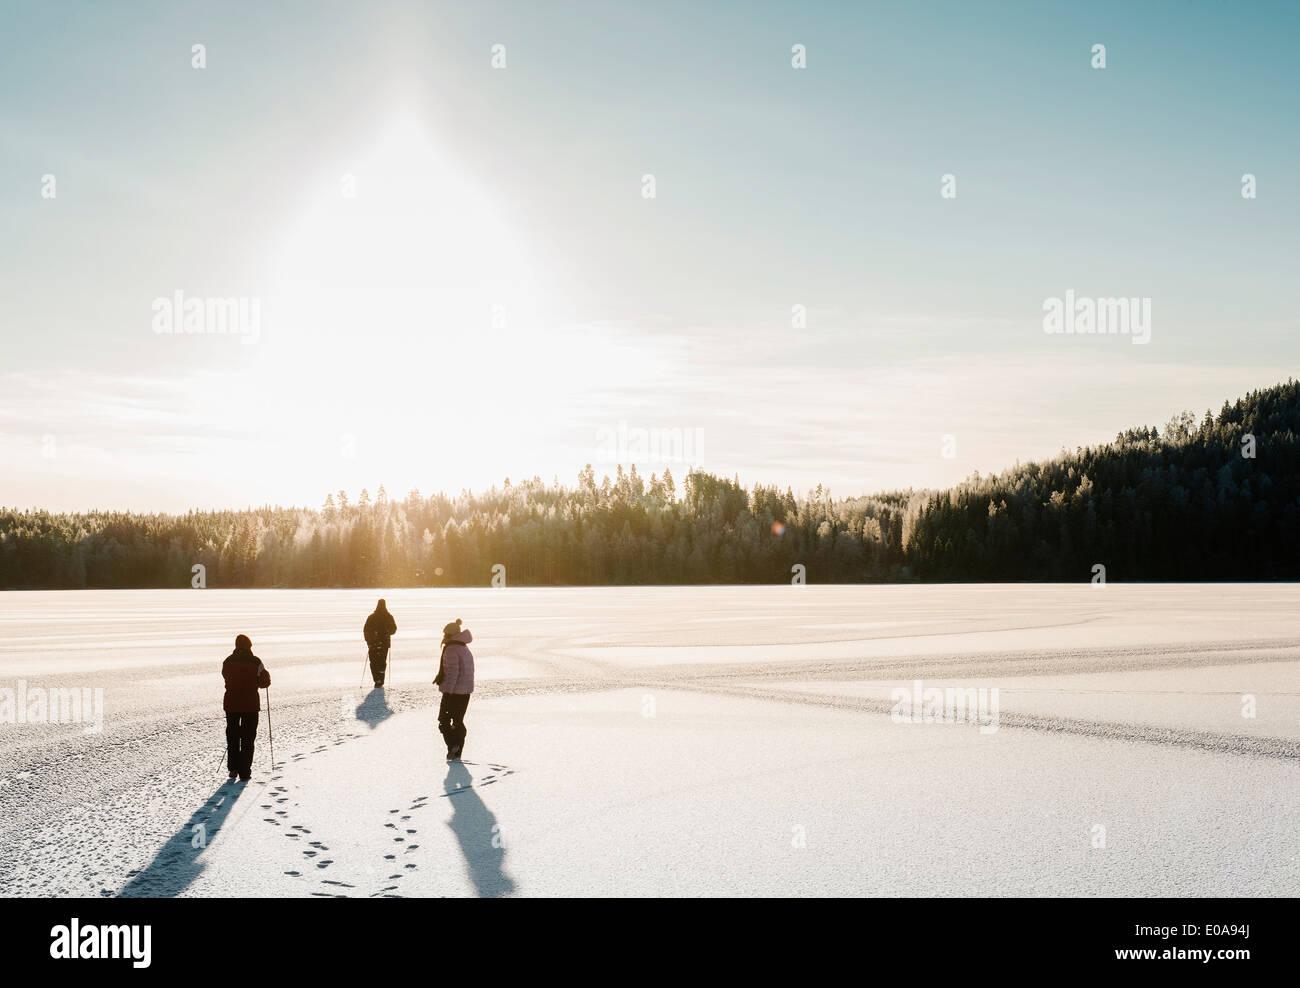 Tres personas nordic walking a través de campo cubierto de nieve Imagen De Stock